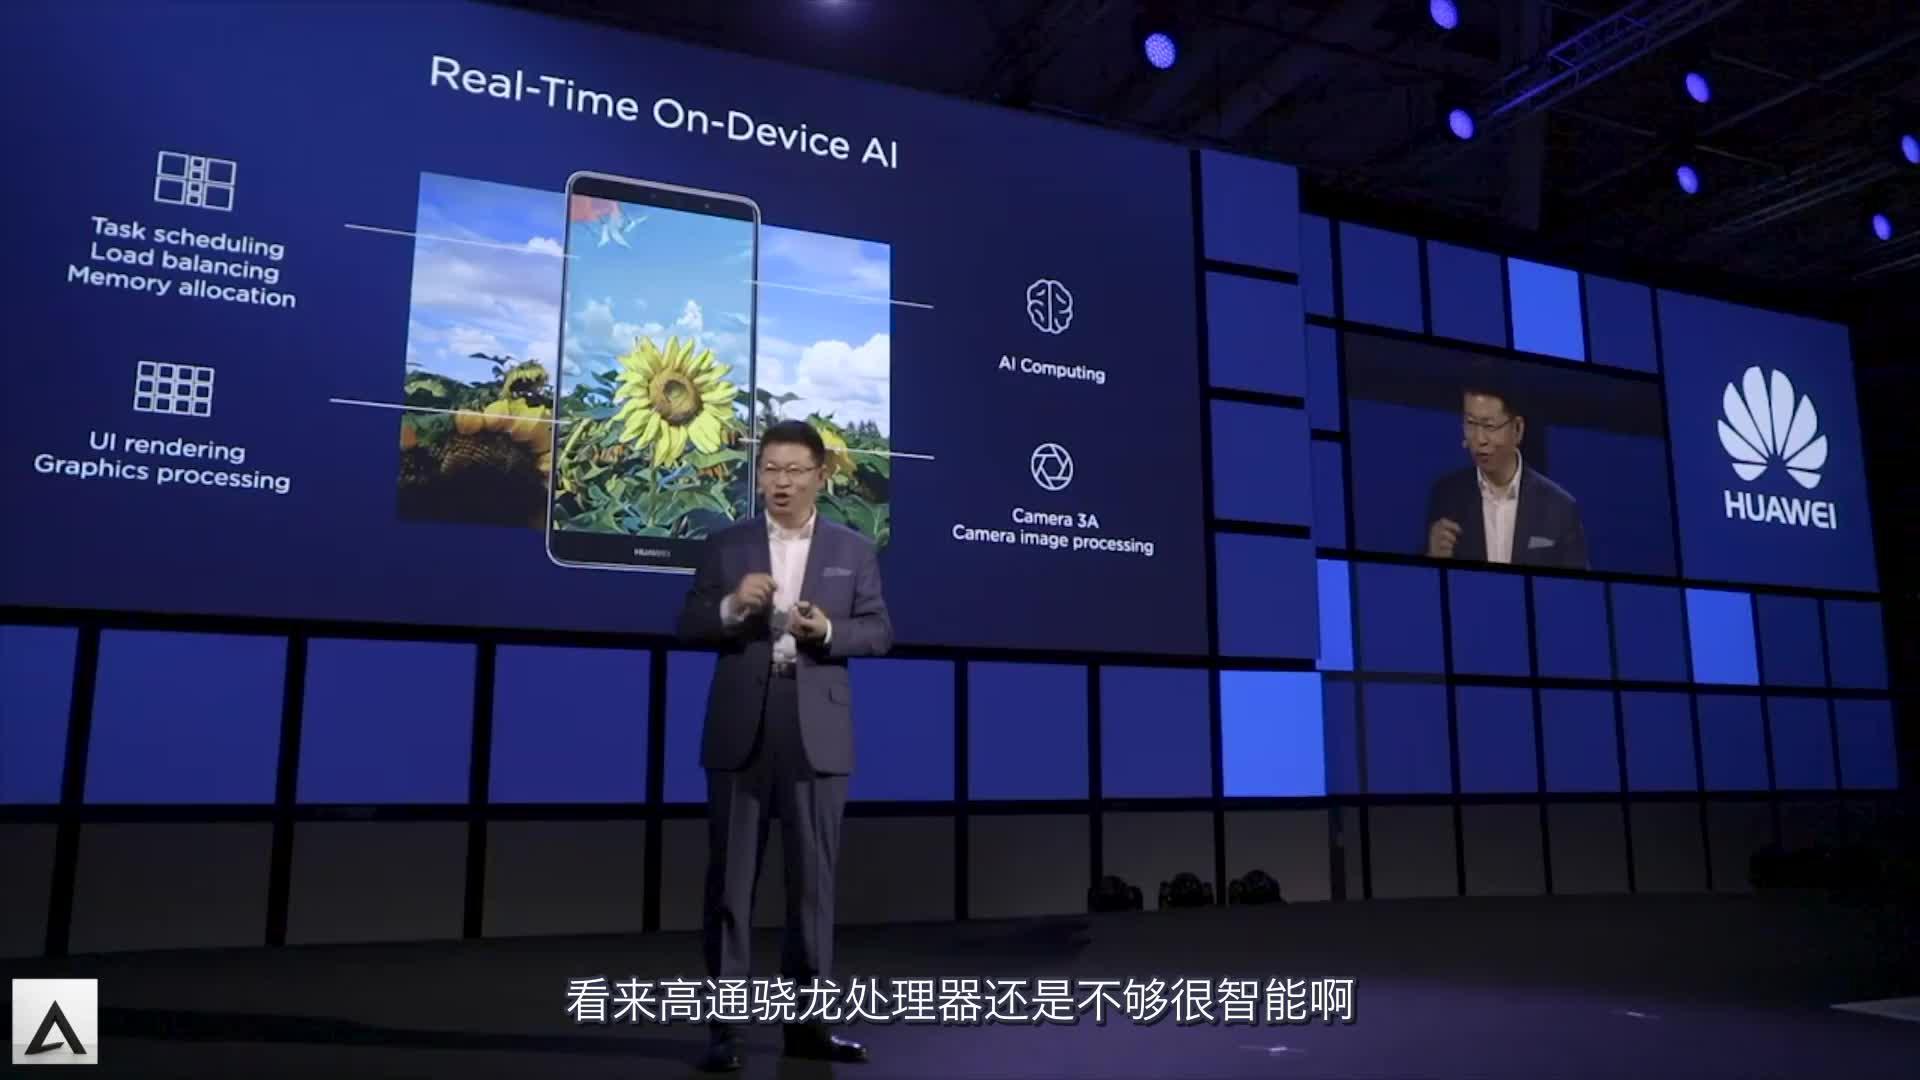 华为Mate10中国第一款自制的AI智能手机